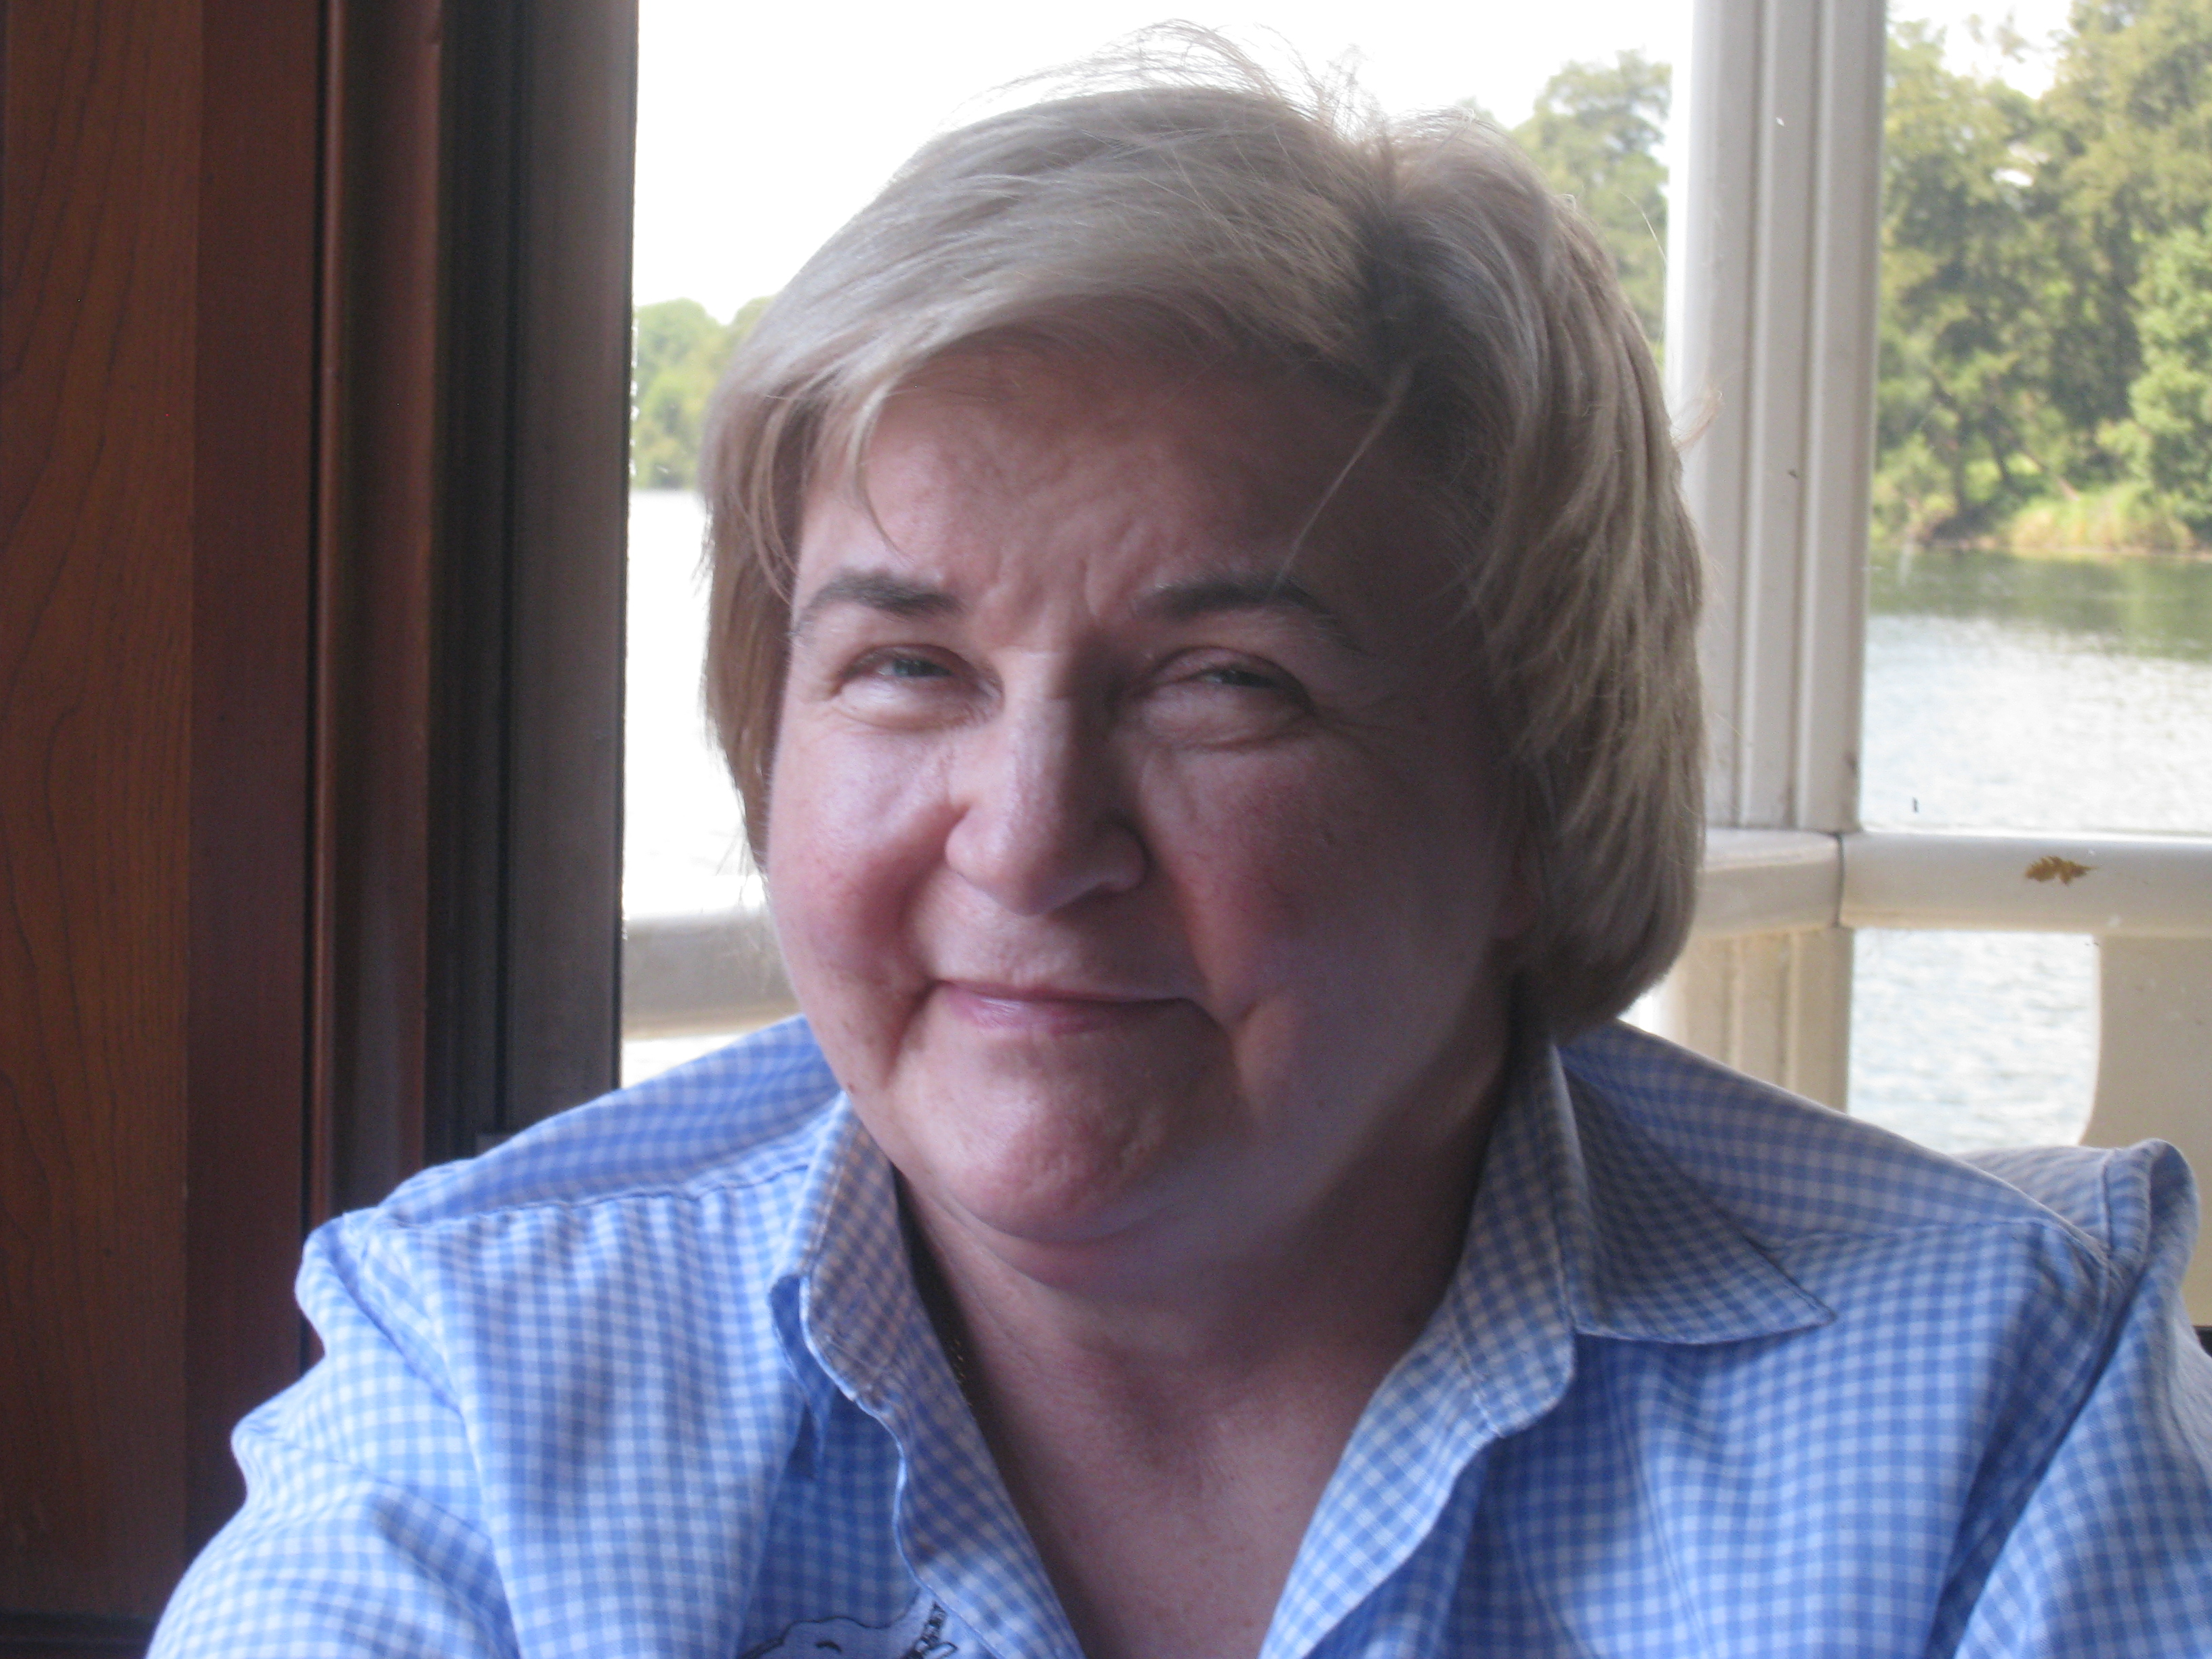 Mum2009